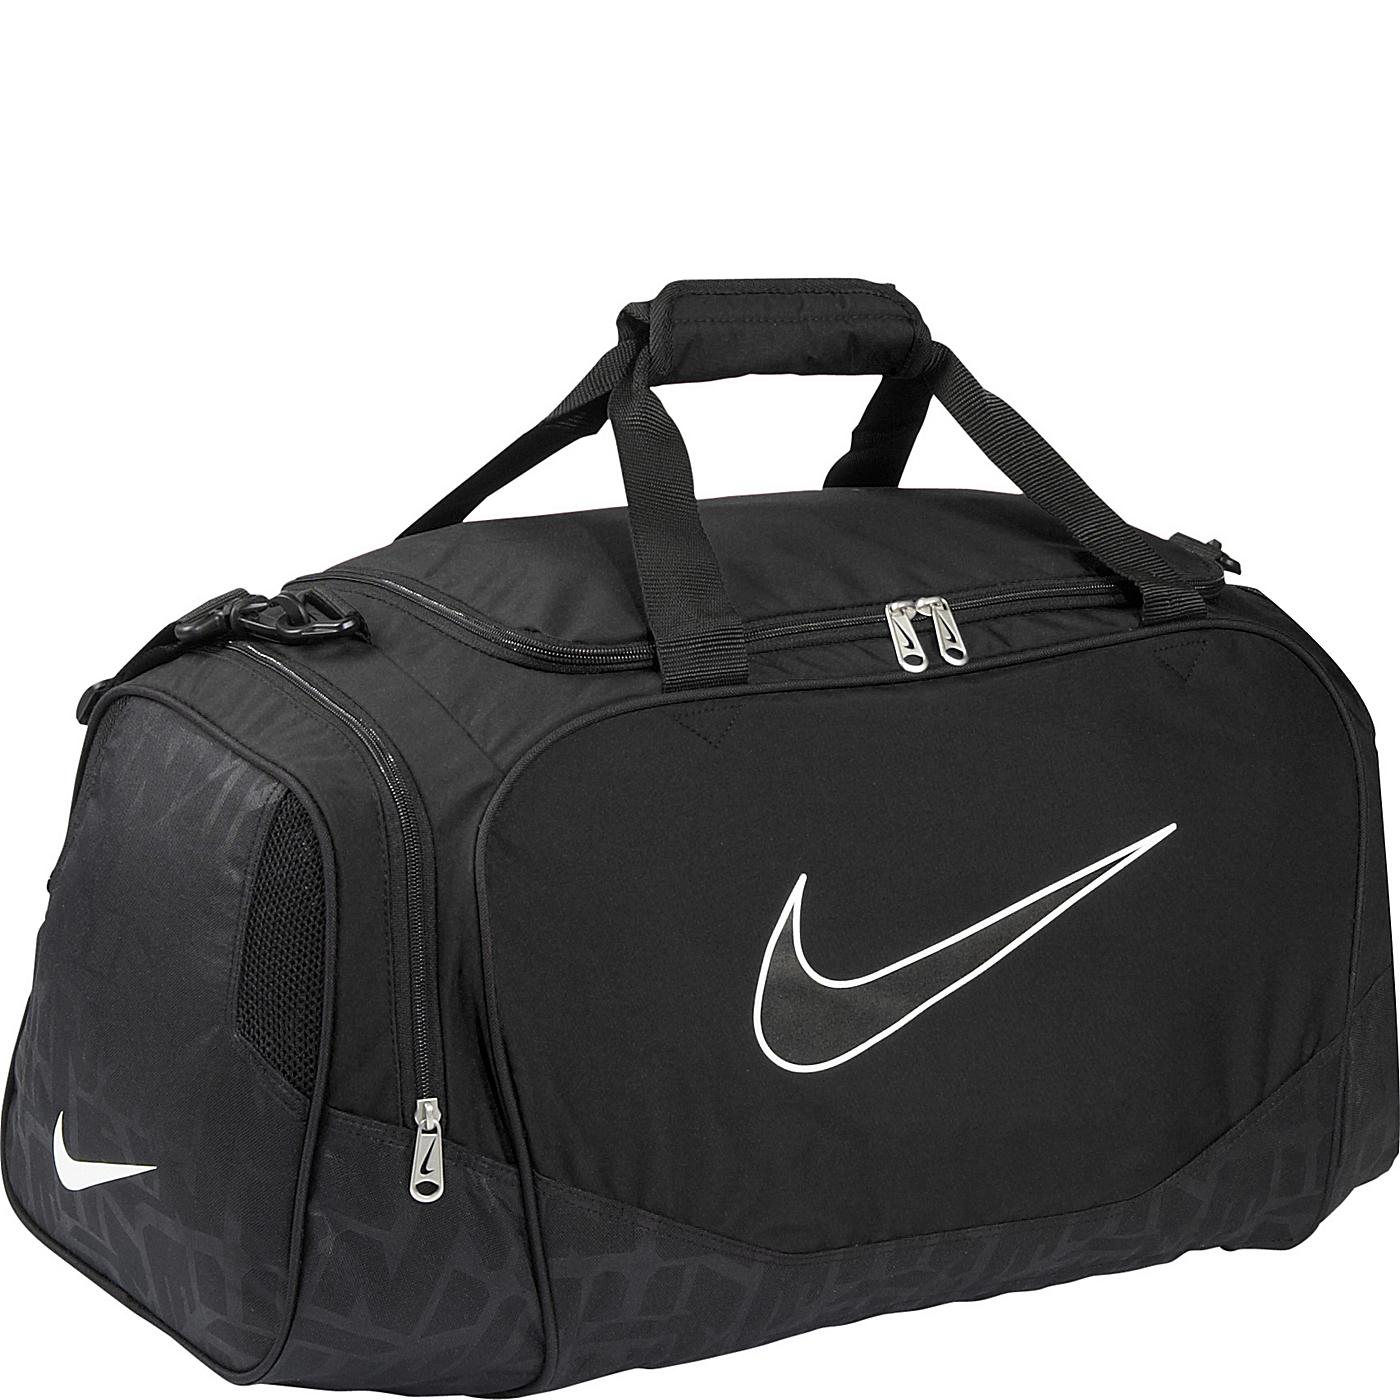 b778fa9ff72 Nike Brasilia 6 Large Grip Duffle Bag   The Shred Centre